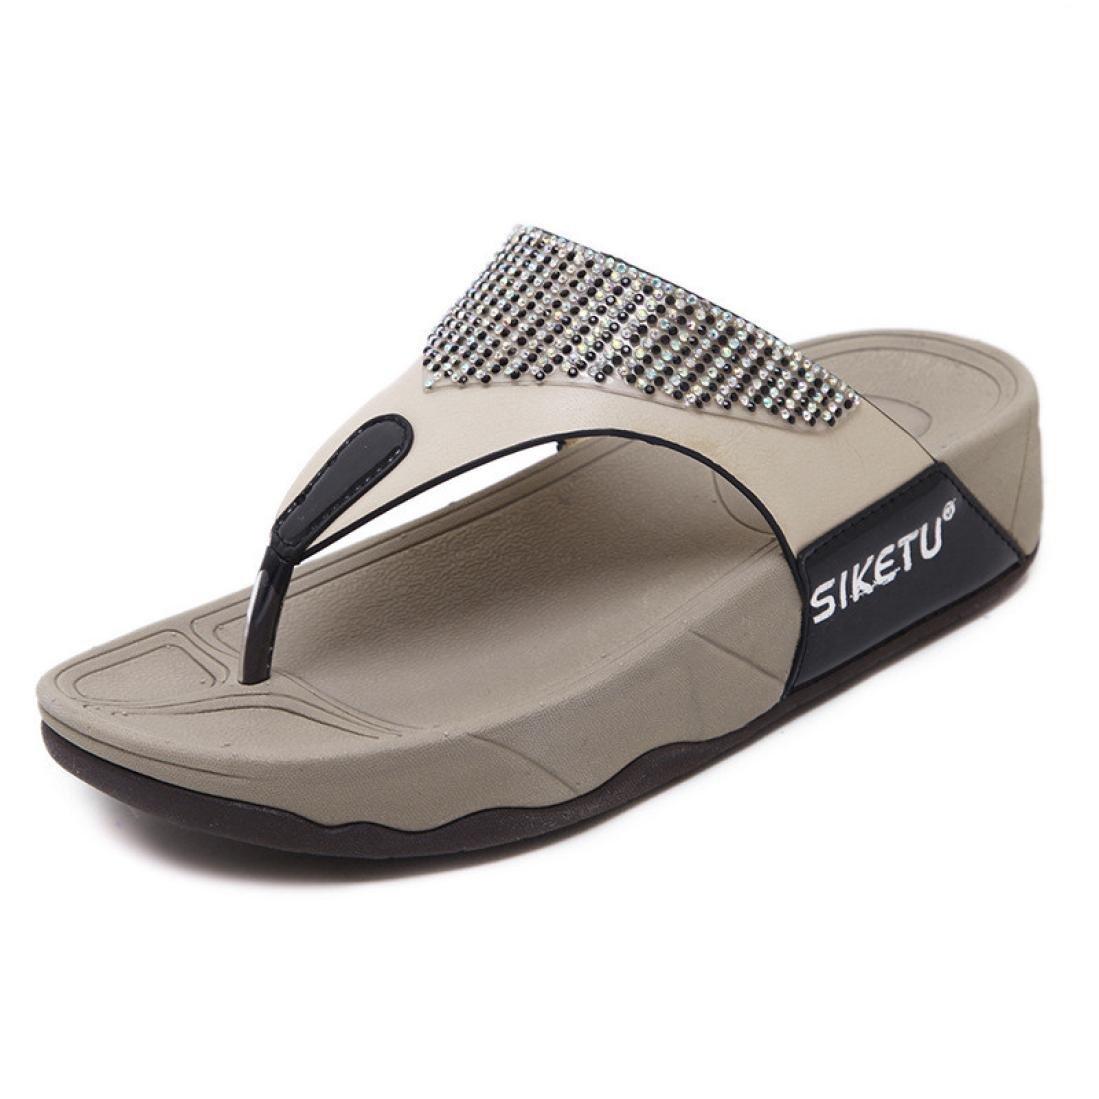 Aurorax Summer Comfortable Thongs Flip Flops Flat Sandals,Womens Lightweight Comfortable Slipper for Beach Outdoor Hanging